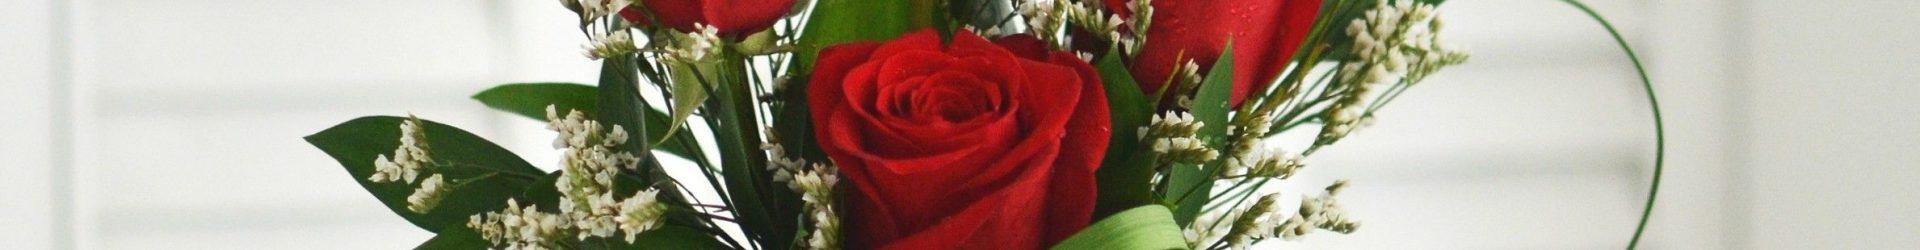 6 crvenih ruža